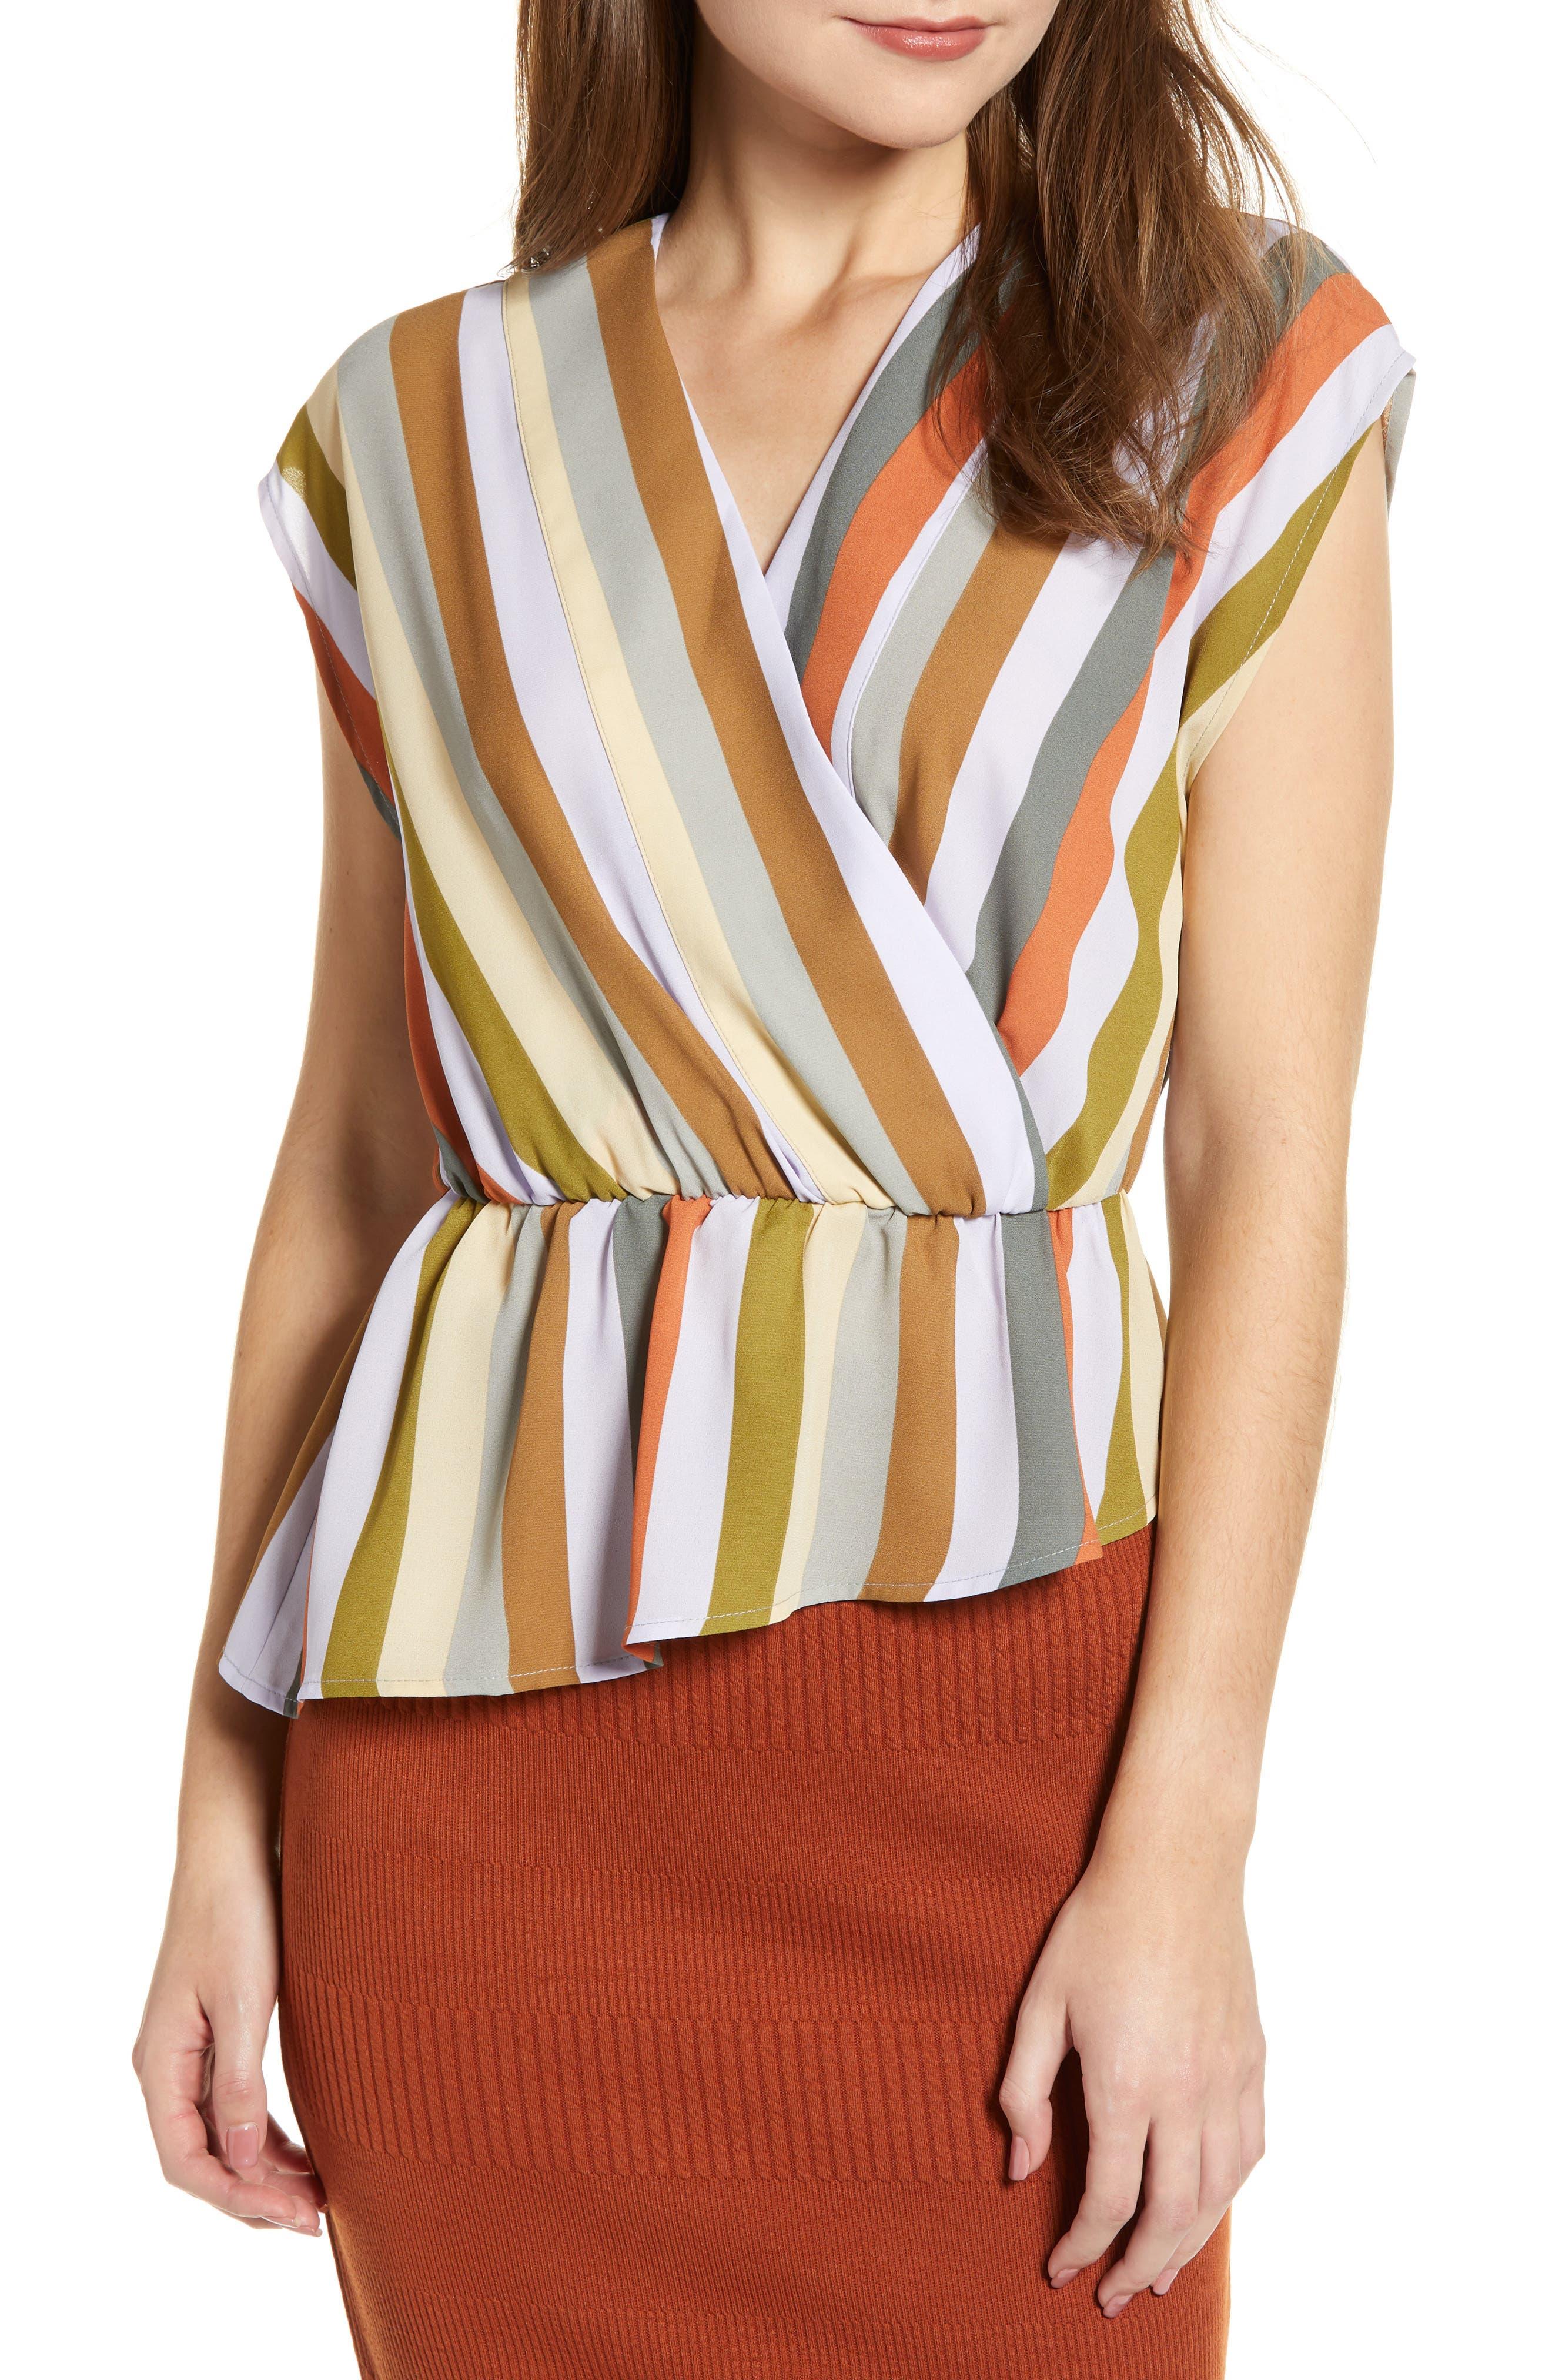 LEITH Wrap Style Blouse, Main, color, PURPLE FROST MULTI STRIPE